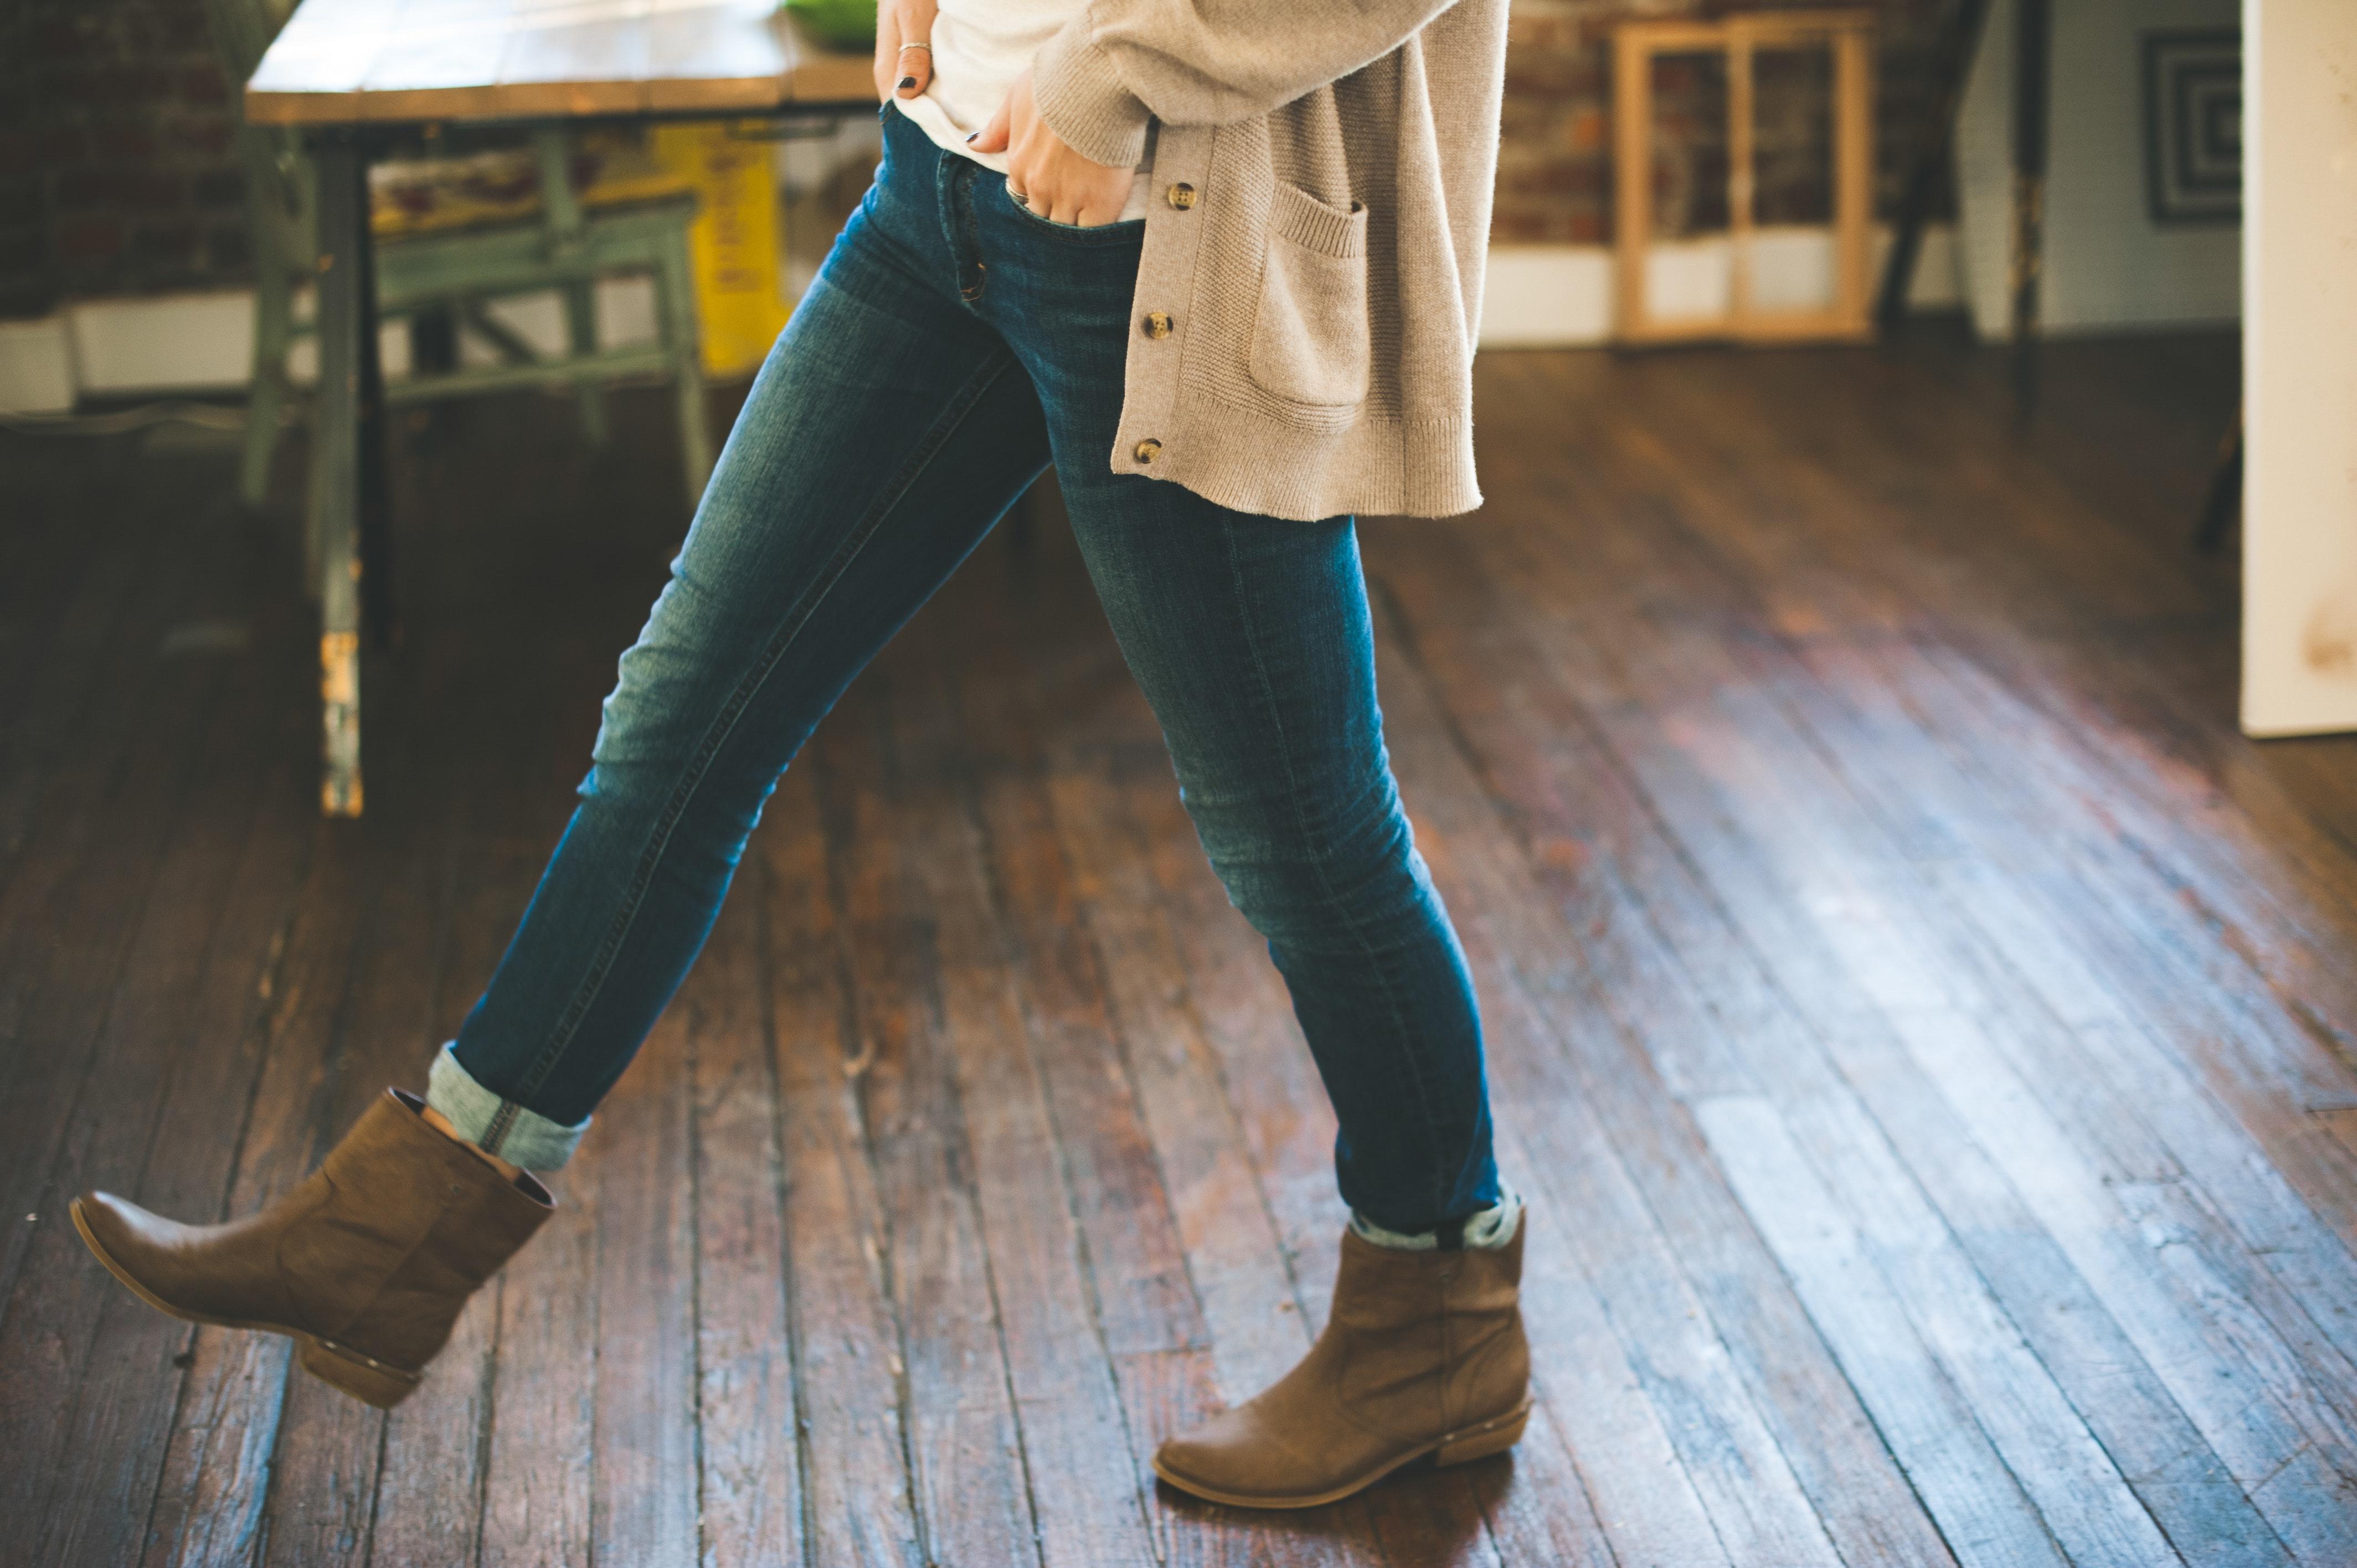 Estas botas están hechas para caminar